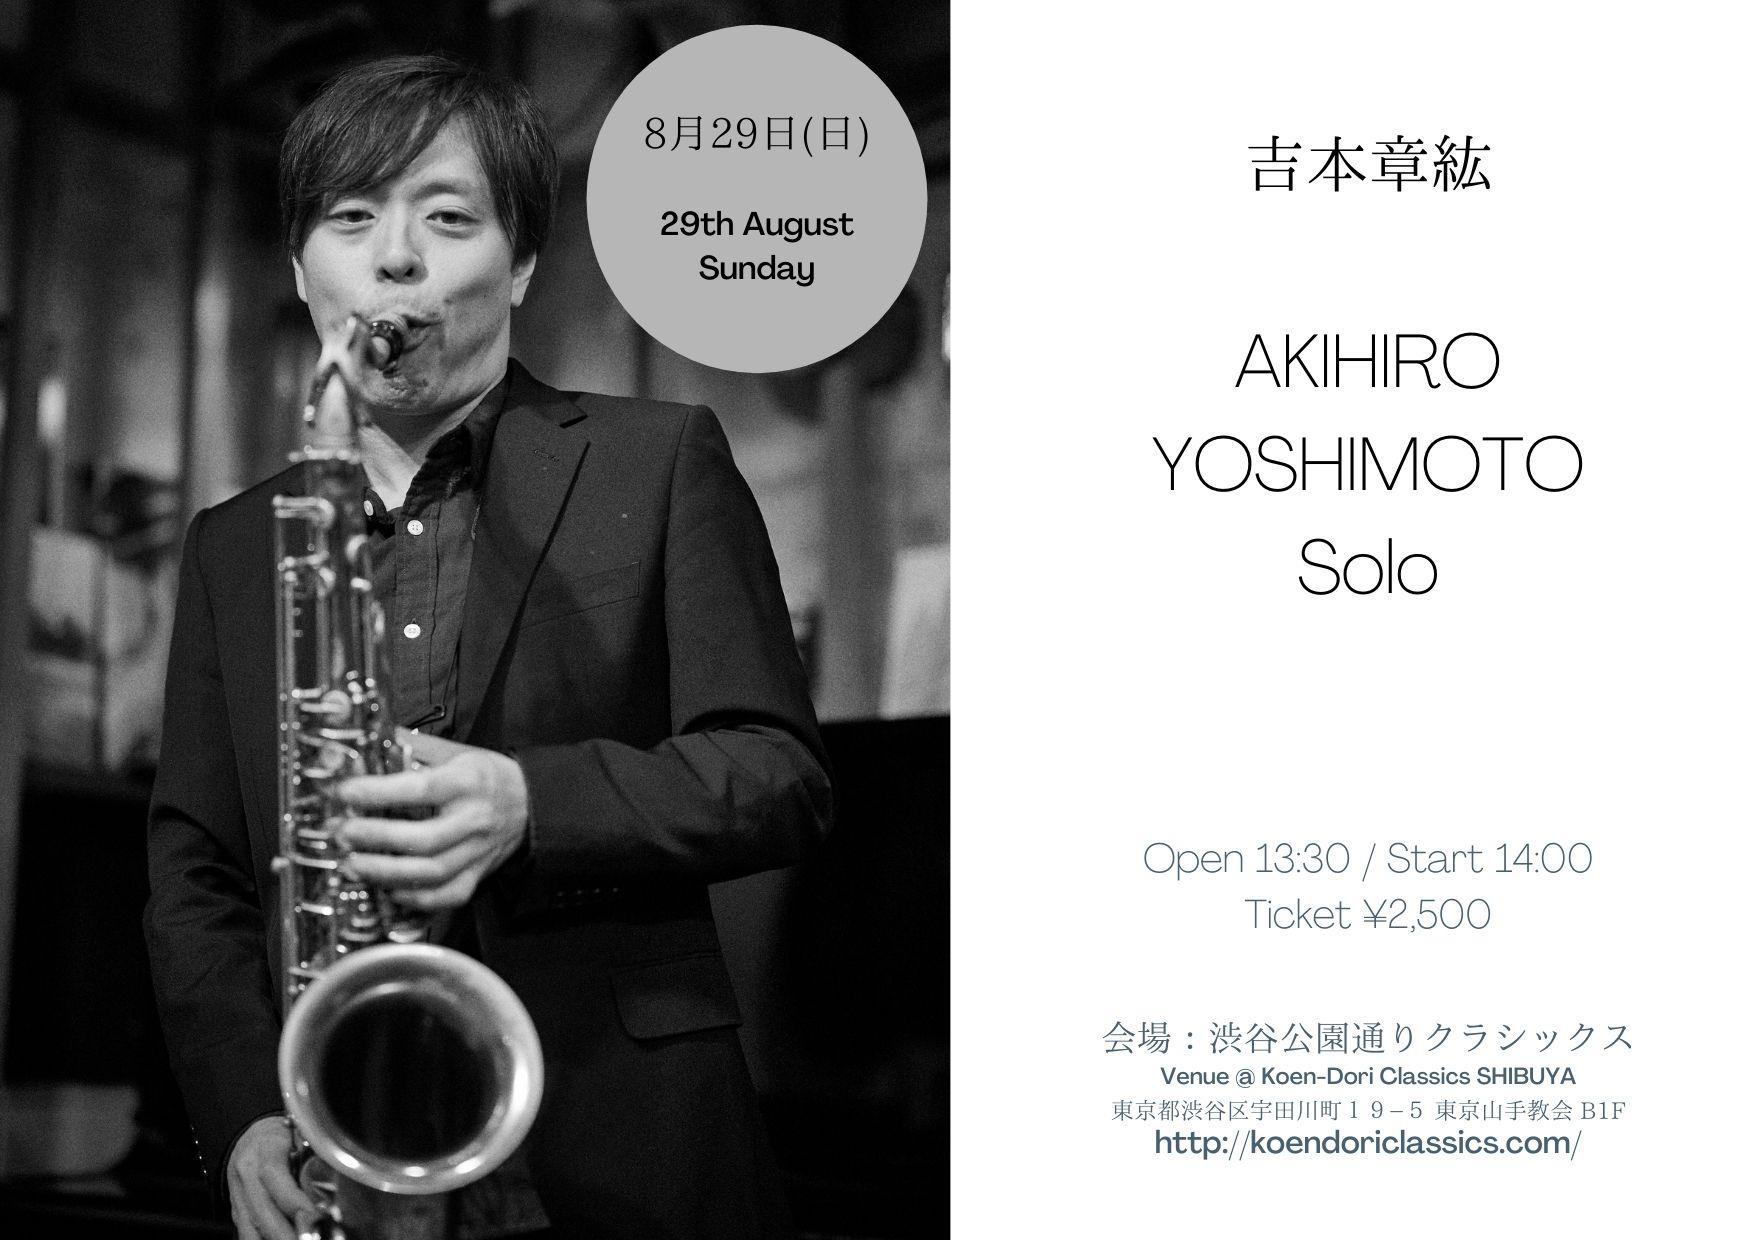 吉本章紘 AKIHIRO YOSHIMOTO Solo